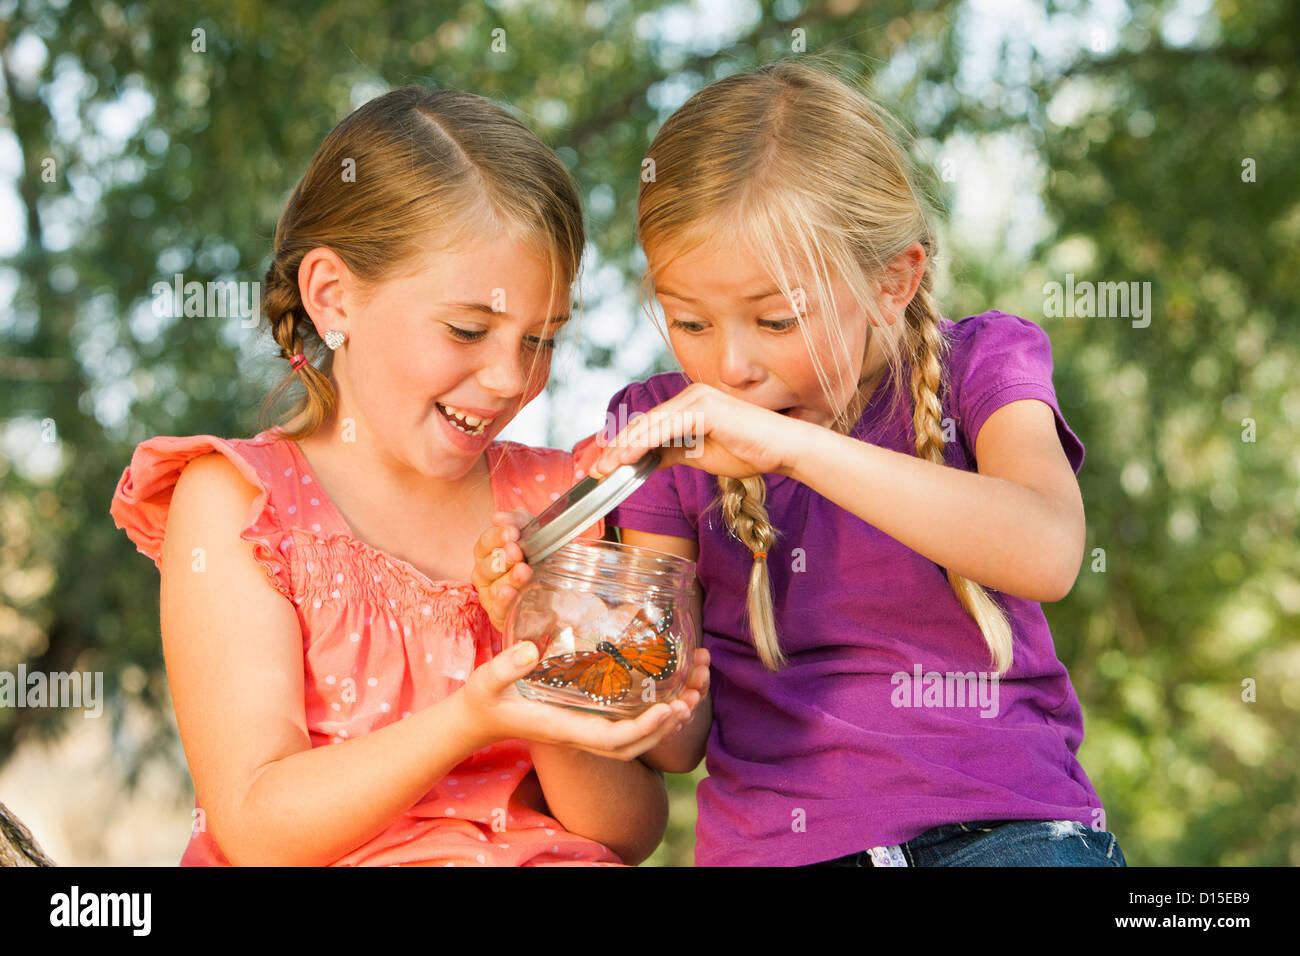 Estados Unidos, Utah, Lehi, dos niñas (4-5, 6-7) fascinado por la mariposa en jar Imagen De Stock